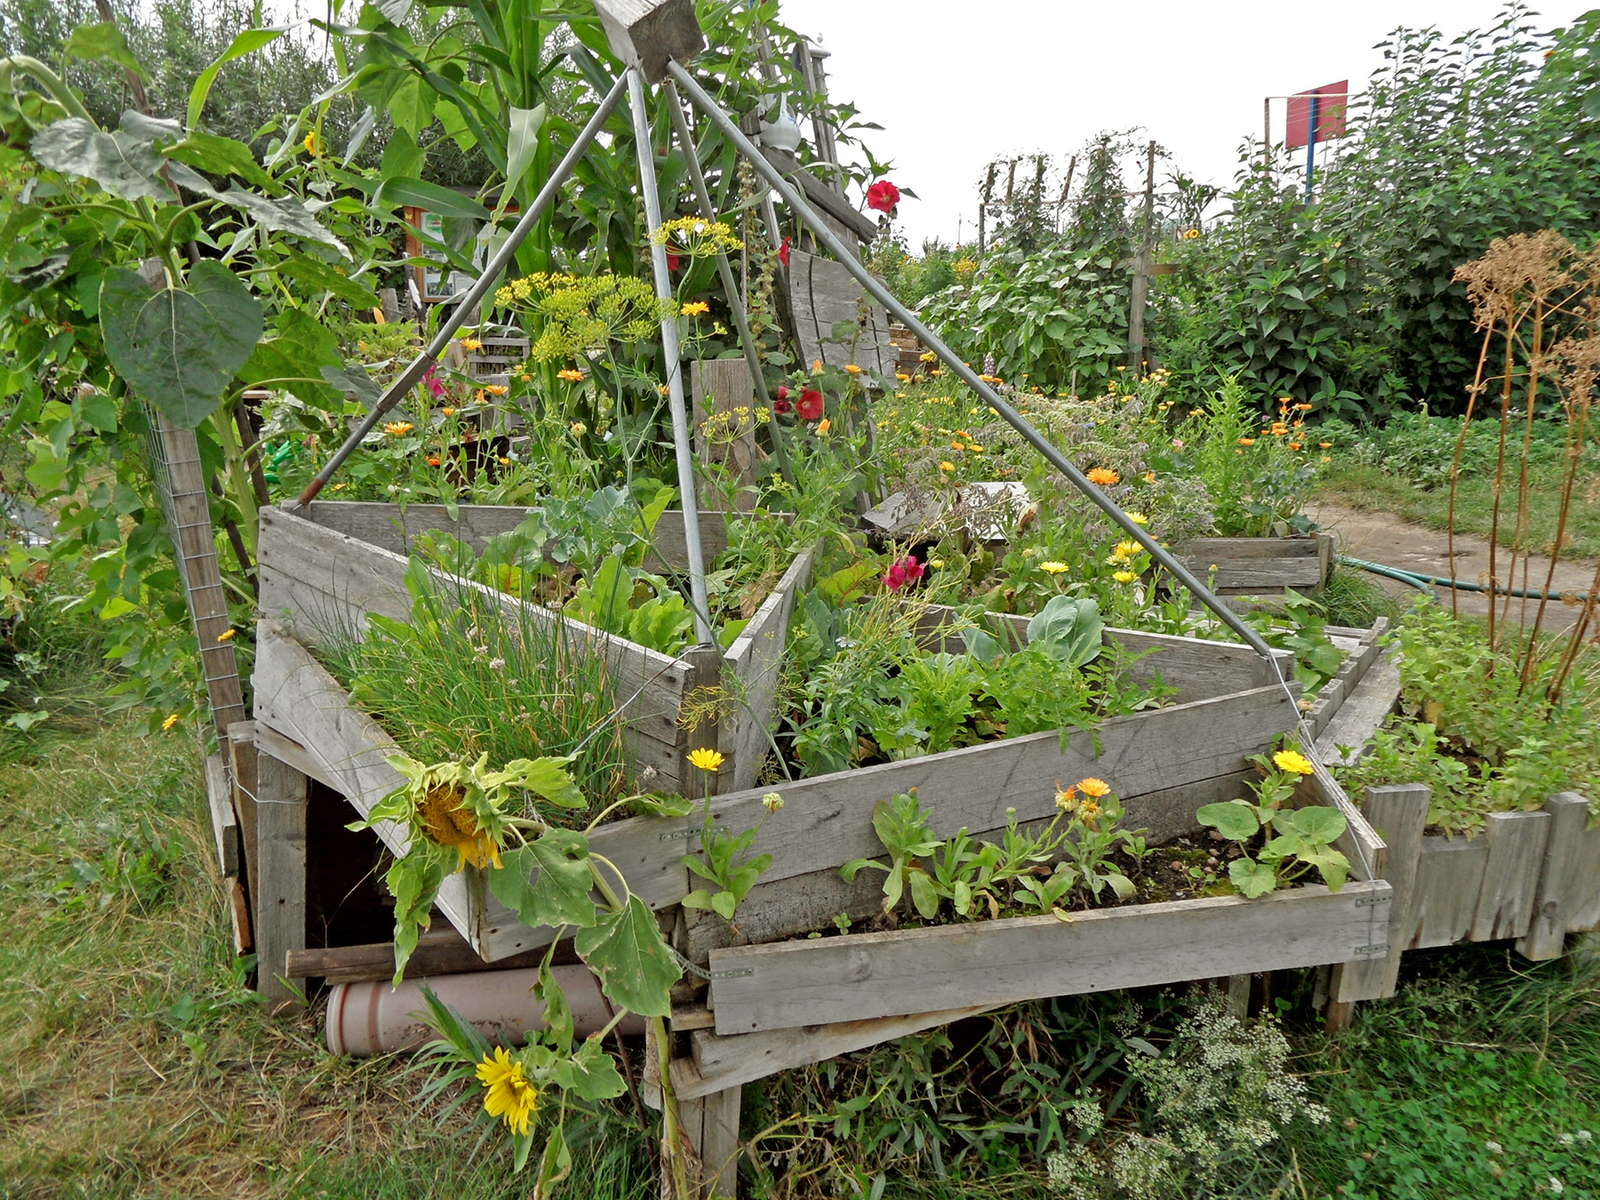 Hochbeet Planen Hochbeet Selber Bauen Vs Hochbeet Kaufen Plantura